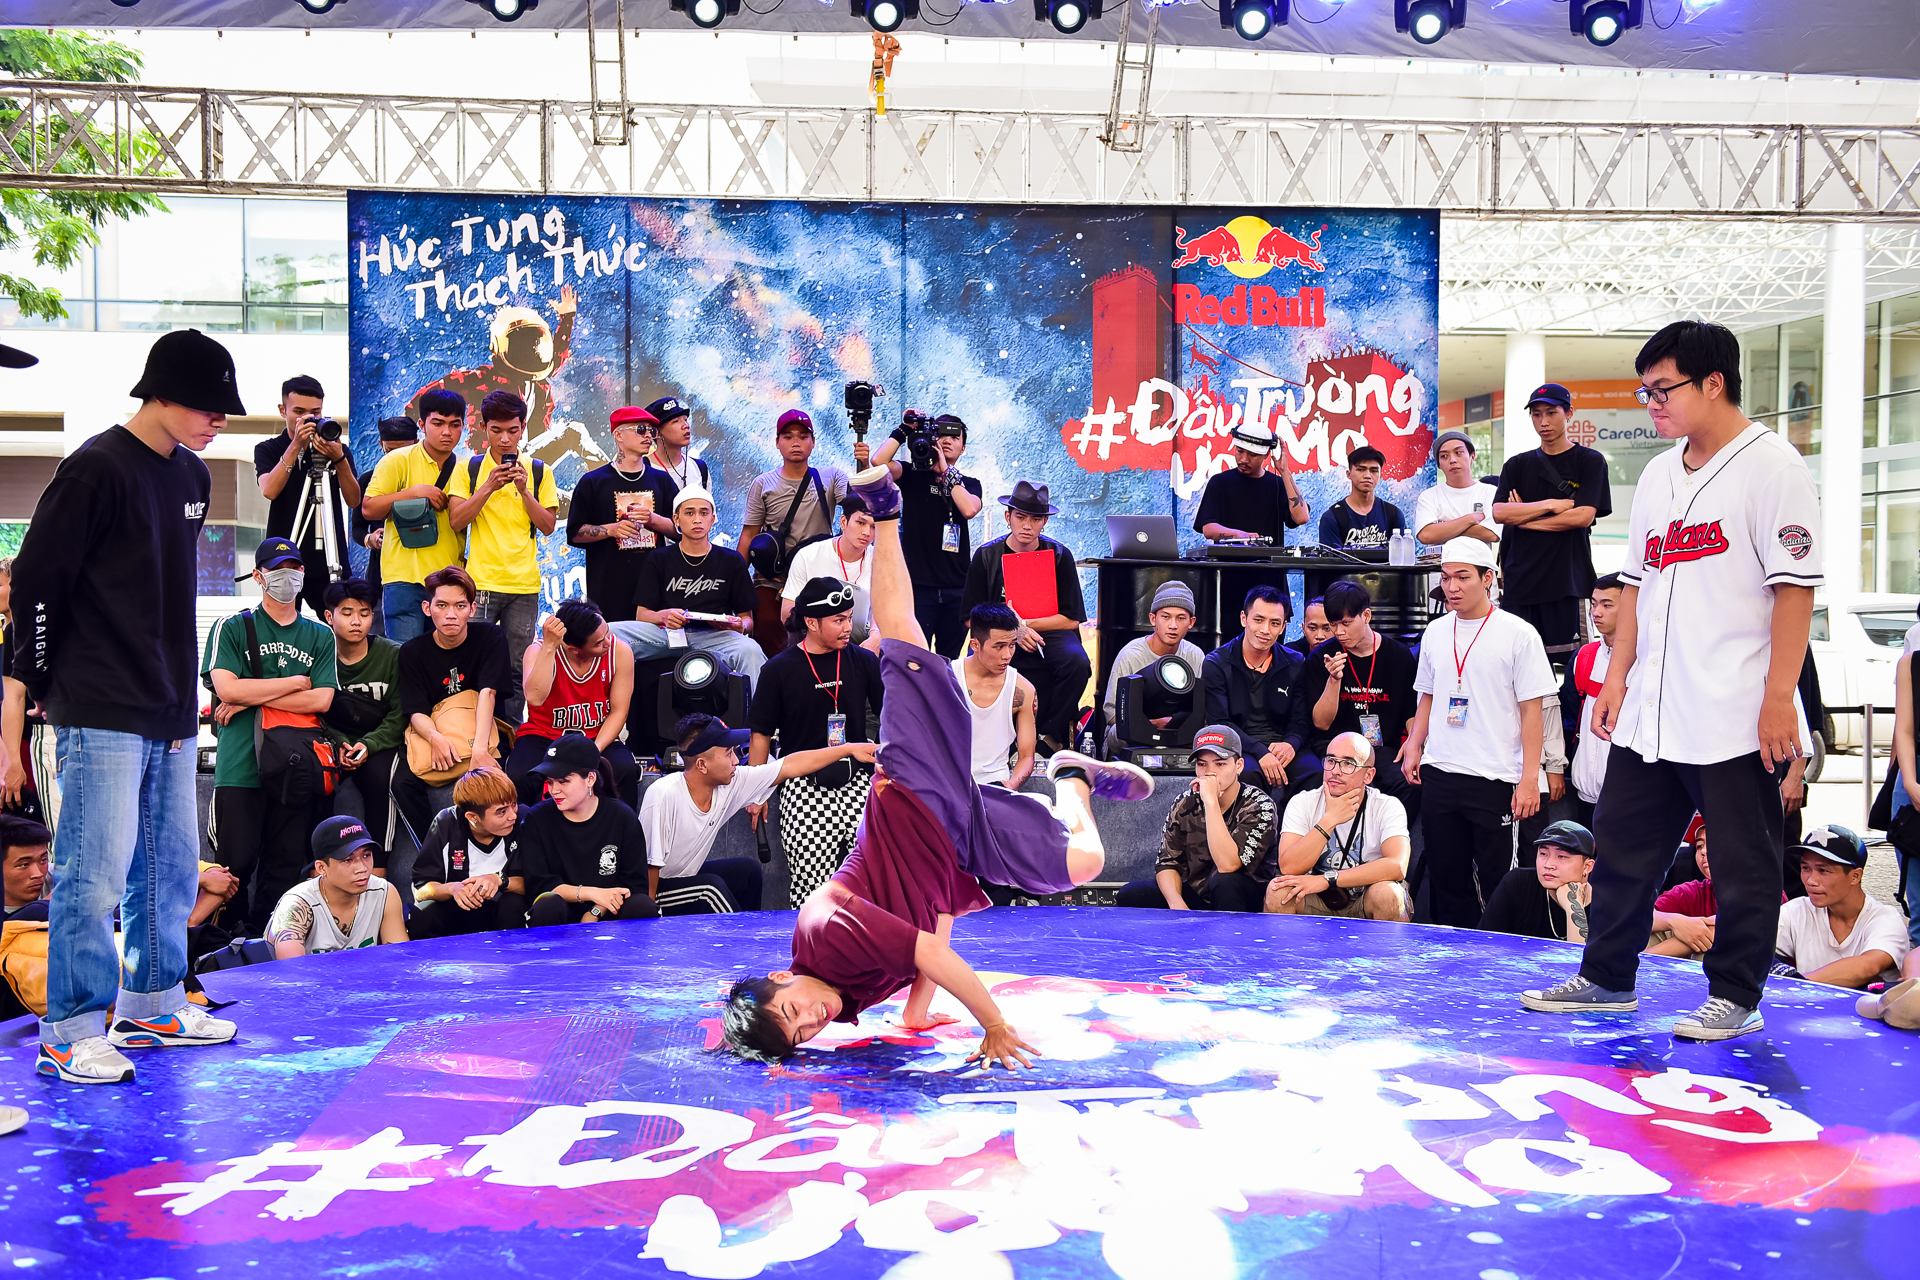 Sao Việt và giới trẻ Sài thành rủ nhau thách thức với zipline mạo hiểm - Ảnh 12.